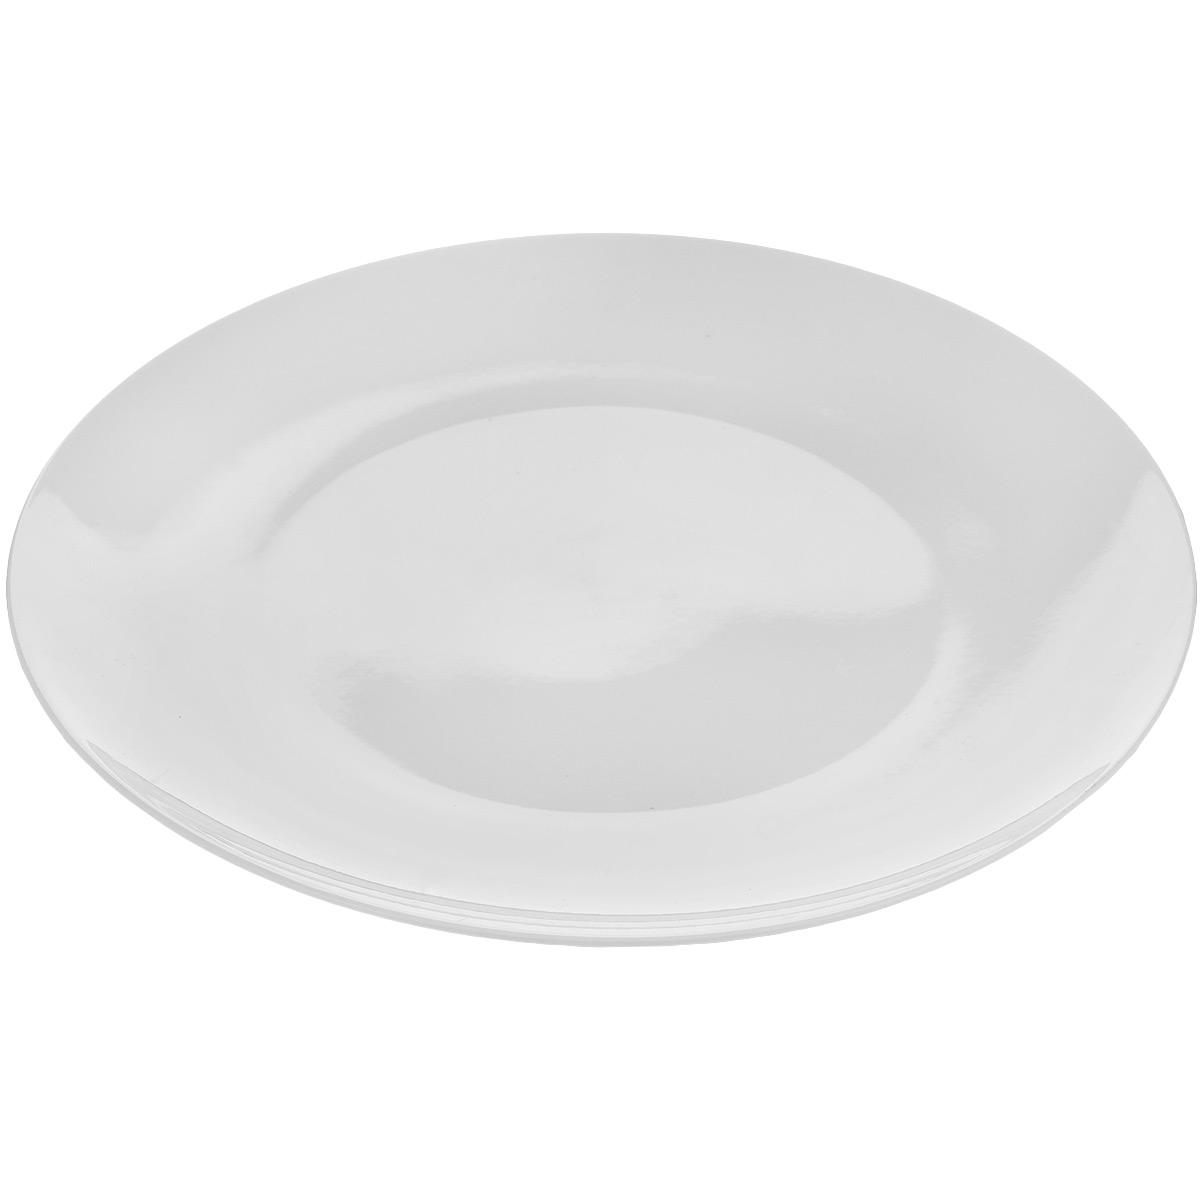 """Тарелка Tescoma """"Crema"""" выполнена из высококачественного фарфора однотонного цвета и прекрасно подойдет для вашей кухни. Такая тарелка изысканно украсит сервировку как обеденного, так и праздничного стола. Предназначена для подачи вторых блюд.  Пригодна для использования в микроволновой печи. Можно мыть в посудомоечной машине. Диаметр: 27 см. Высота тарелки: 2,5 см."""